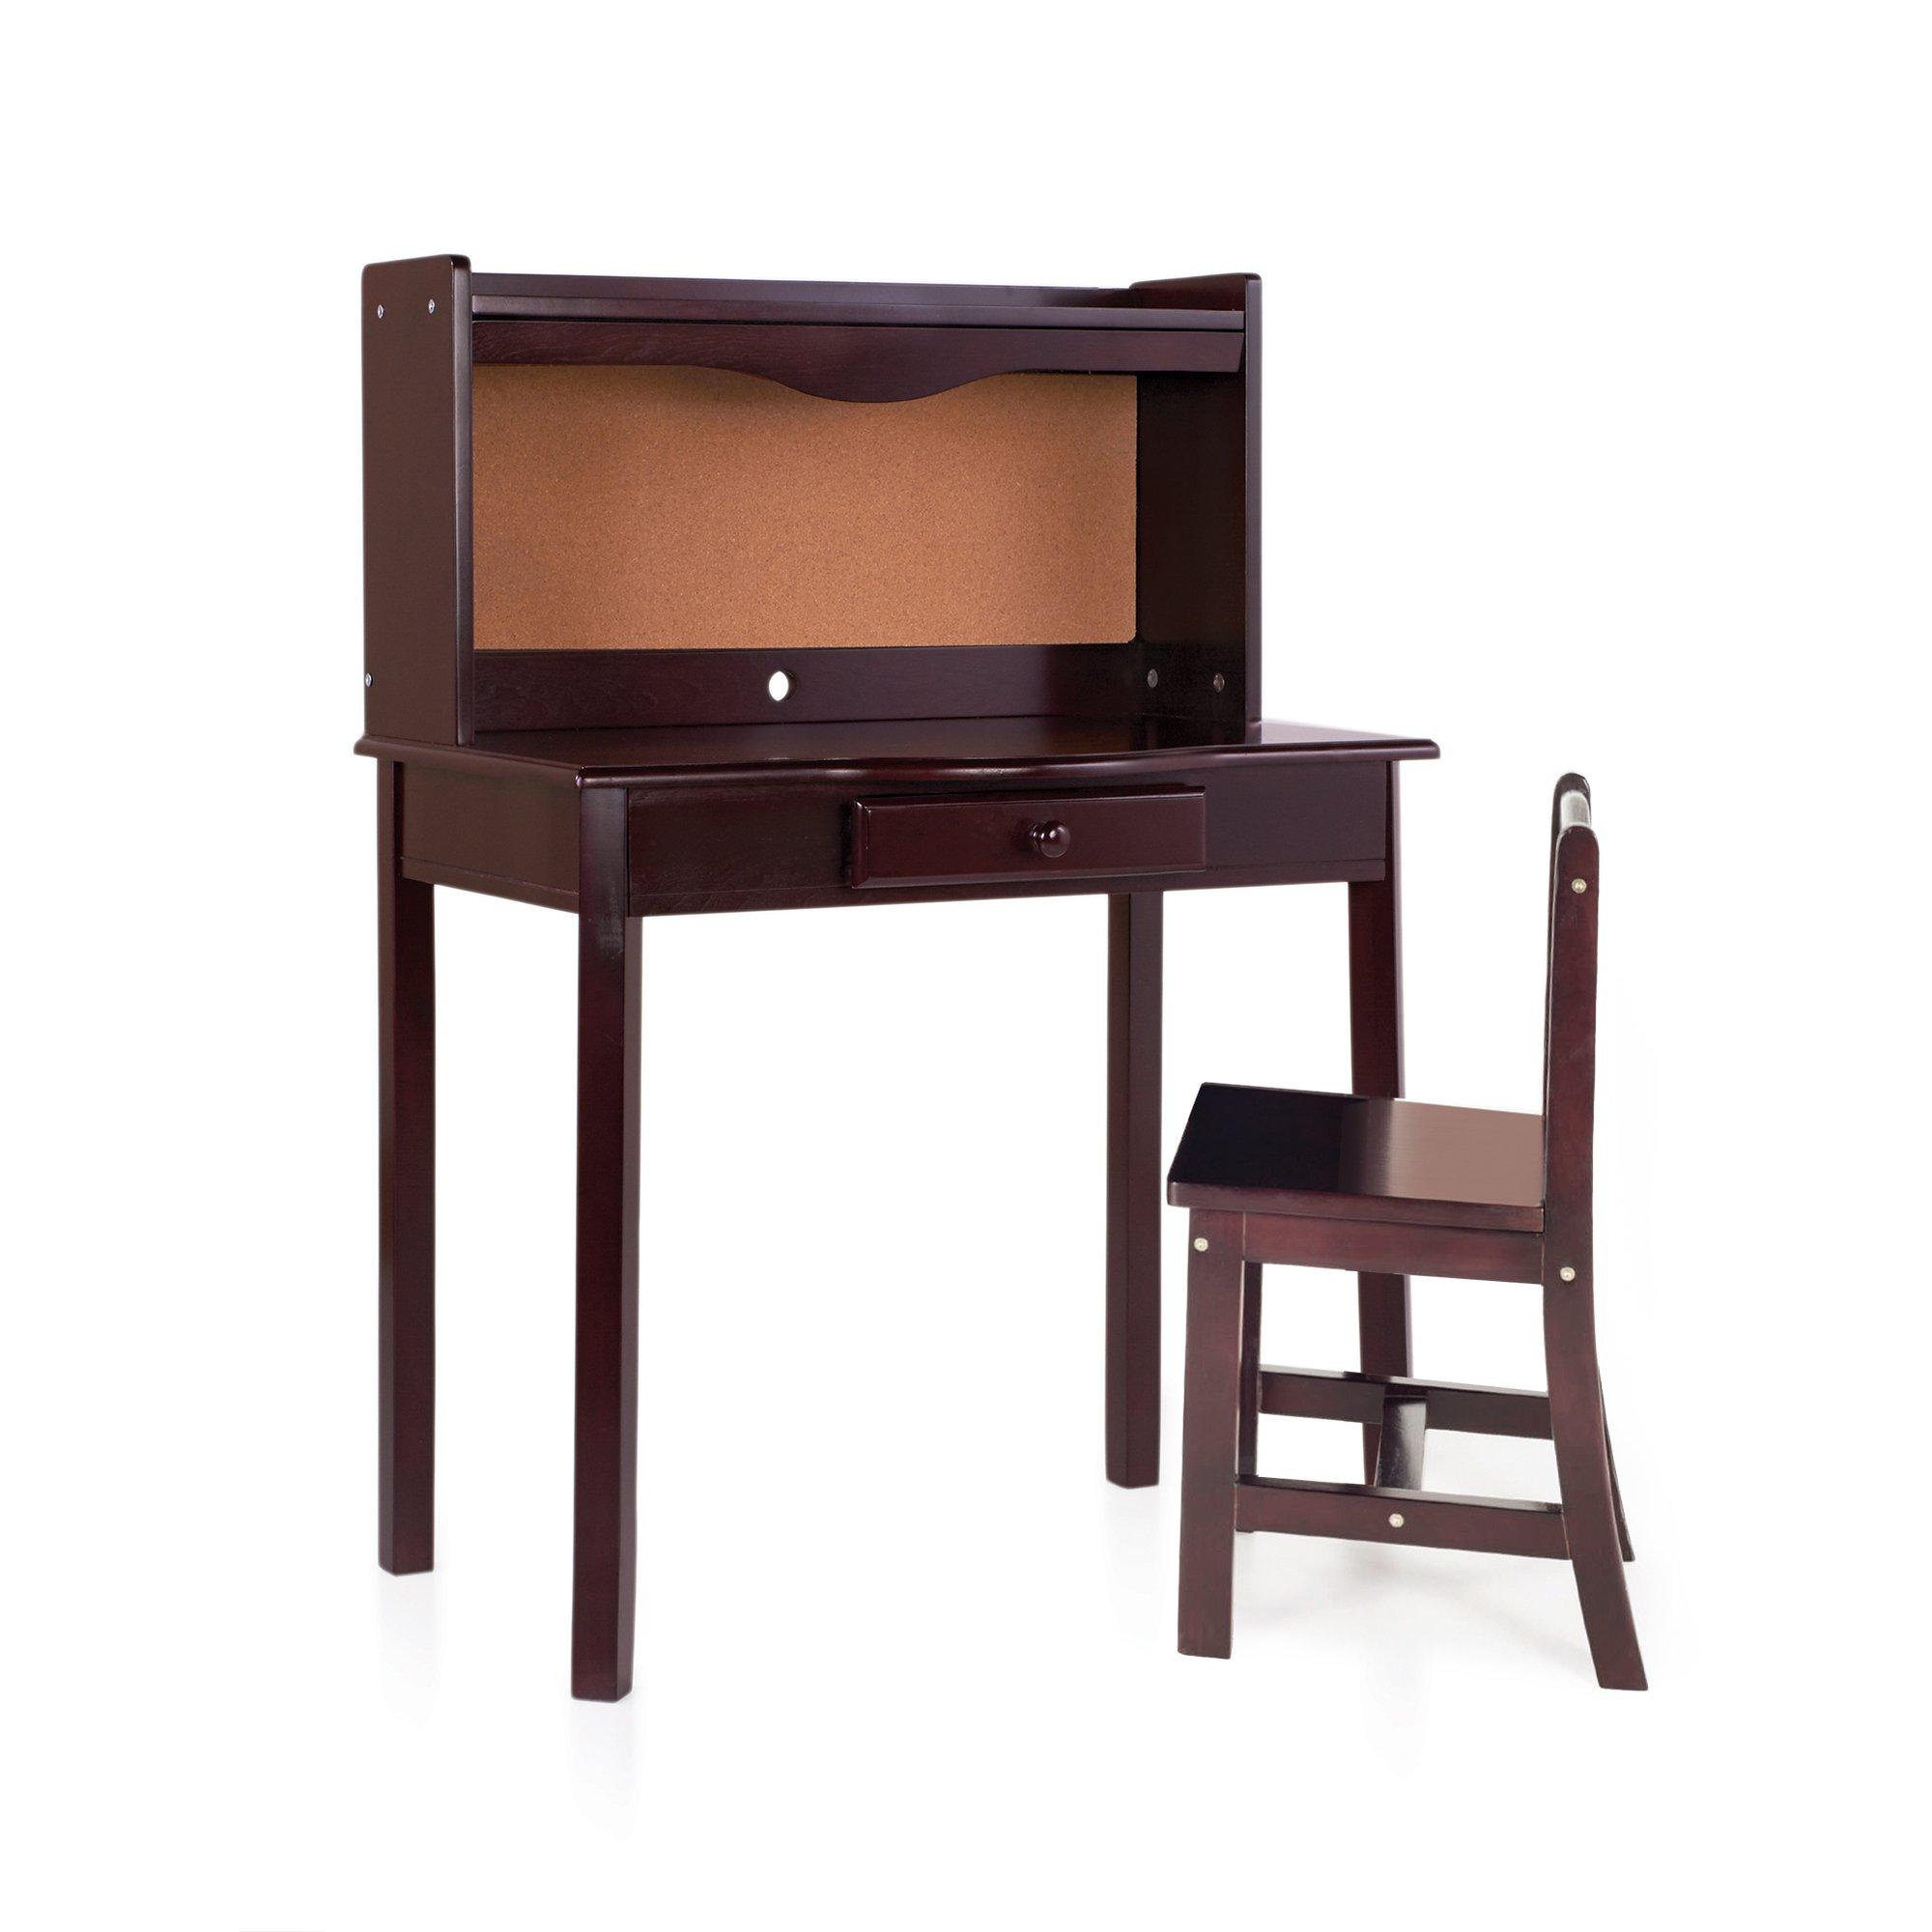 Guidecraft Classic Desk - Espresso: Dark Cherry Kids Wooden Study Table, Children's Furniture by Guidecraft